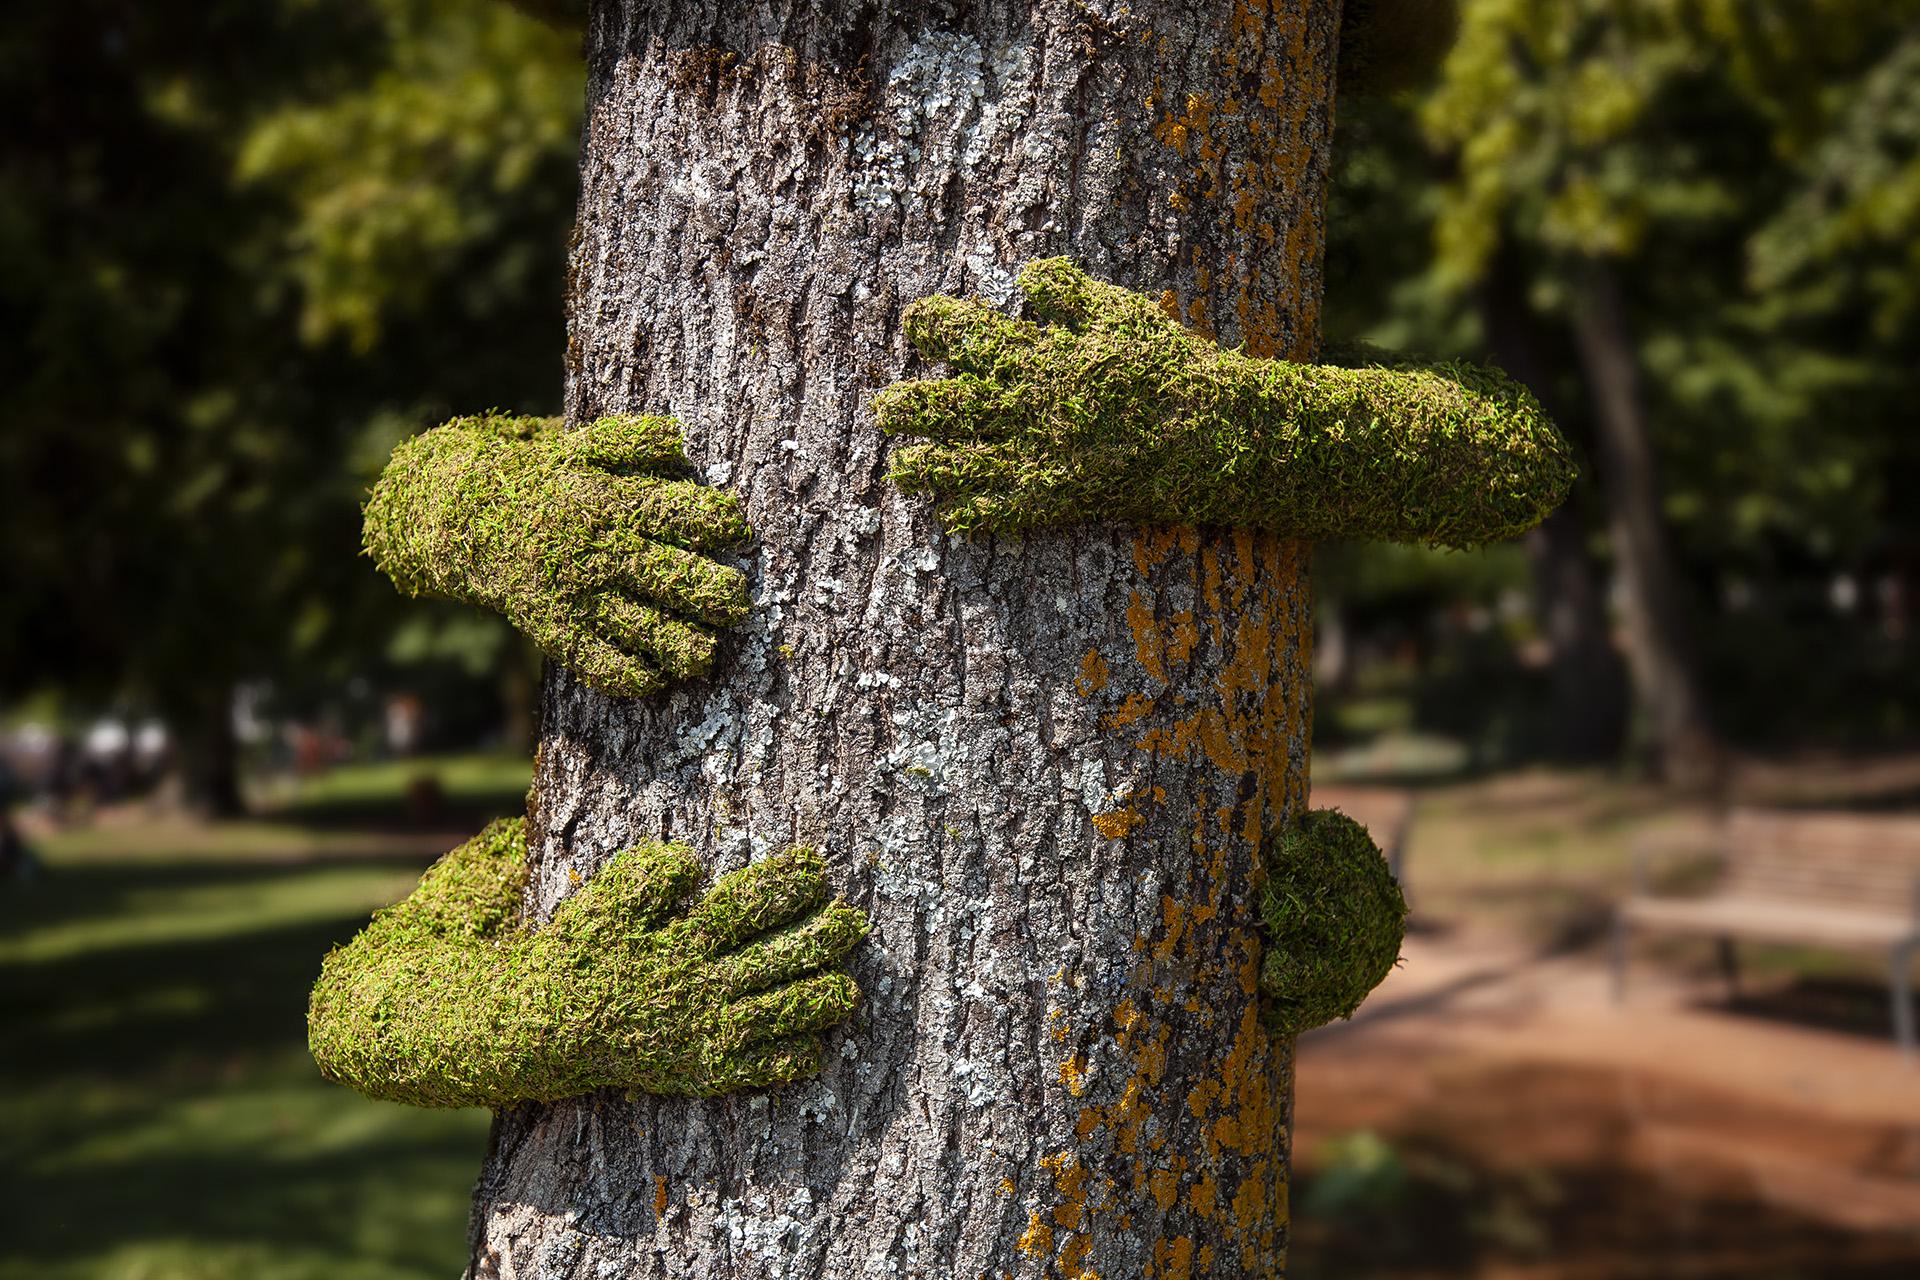 Tree Hug รักต้นไม้…เพราะเรากับต้นไม้ไม่อาจพรากจากกัน